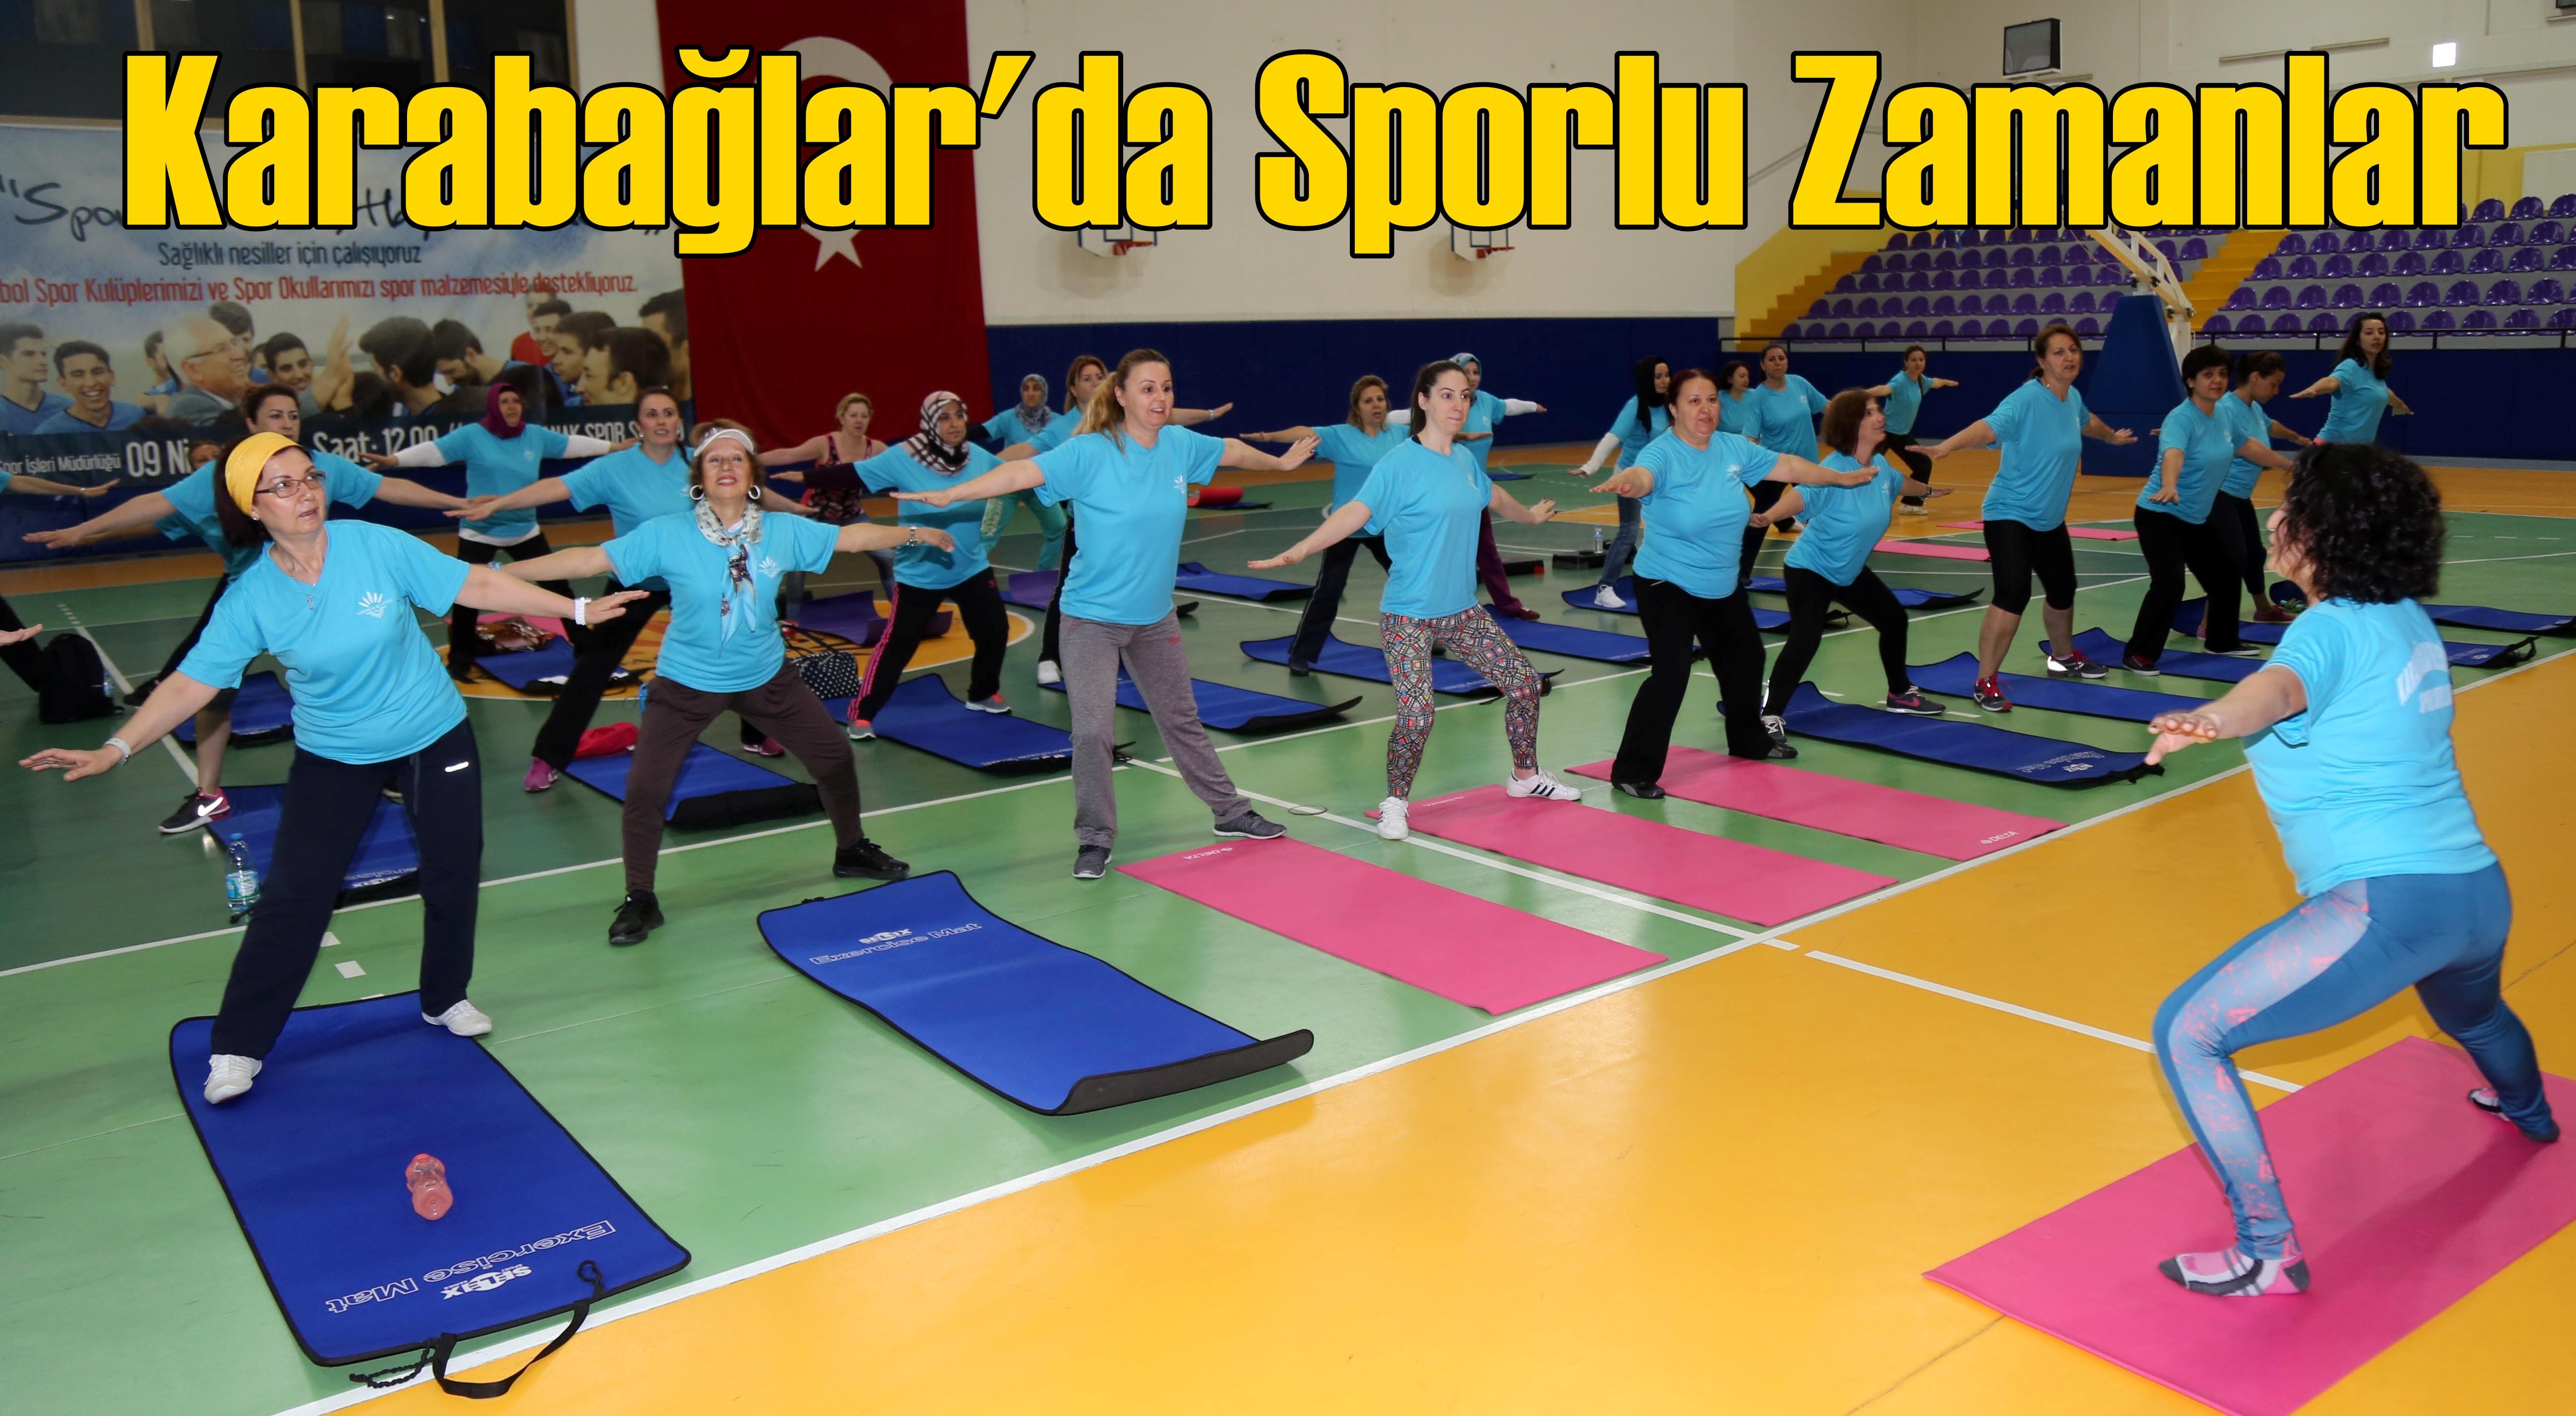 Karabağlar Belediyesi'nden Kadınlara Spor Fırsatı